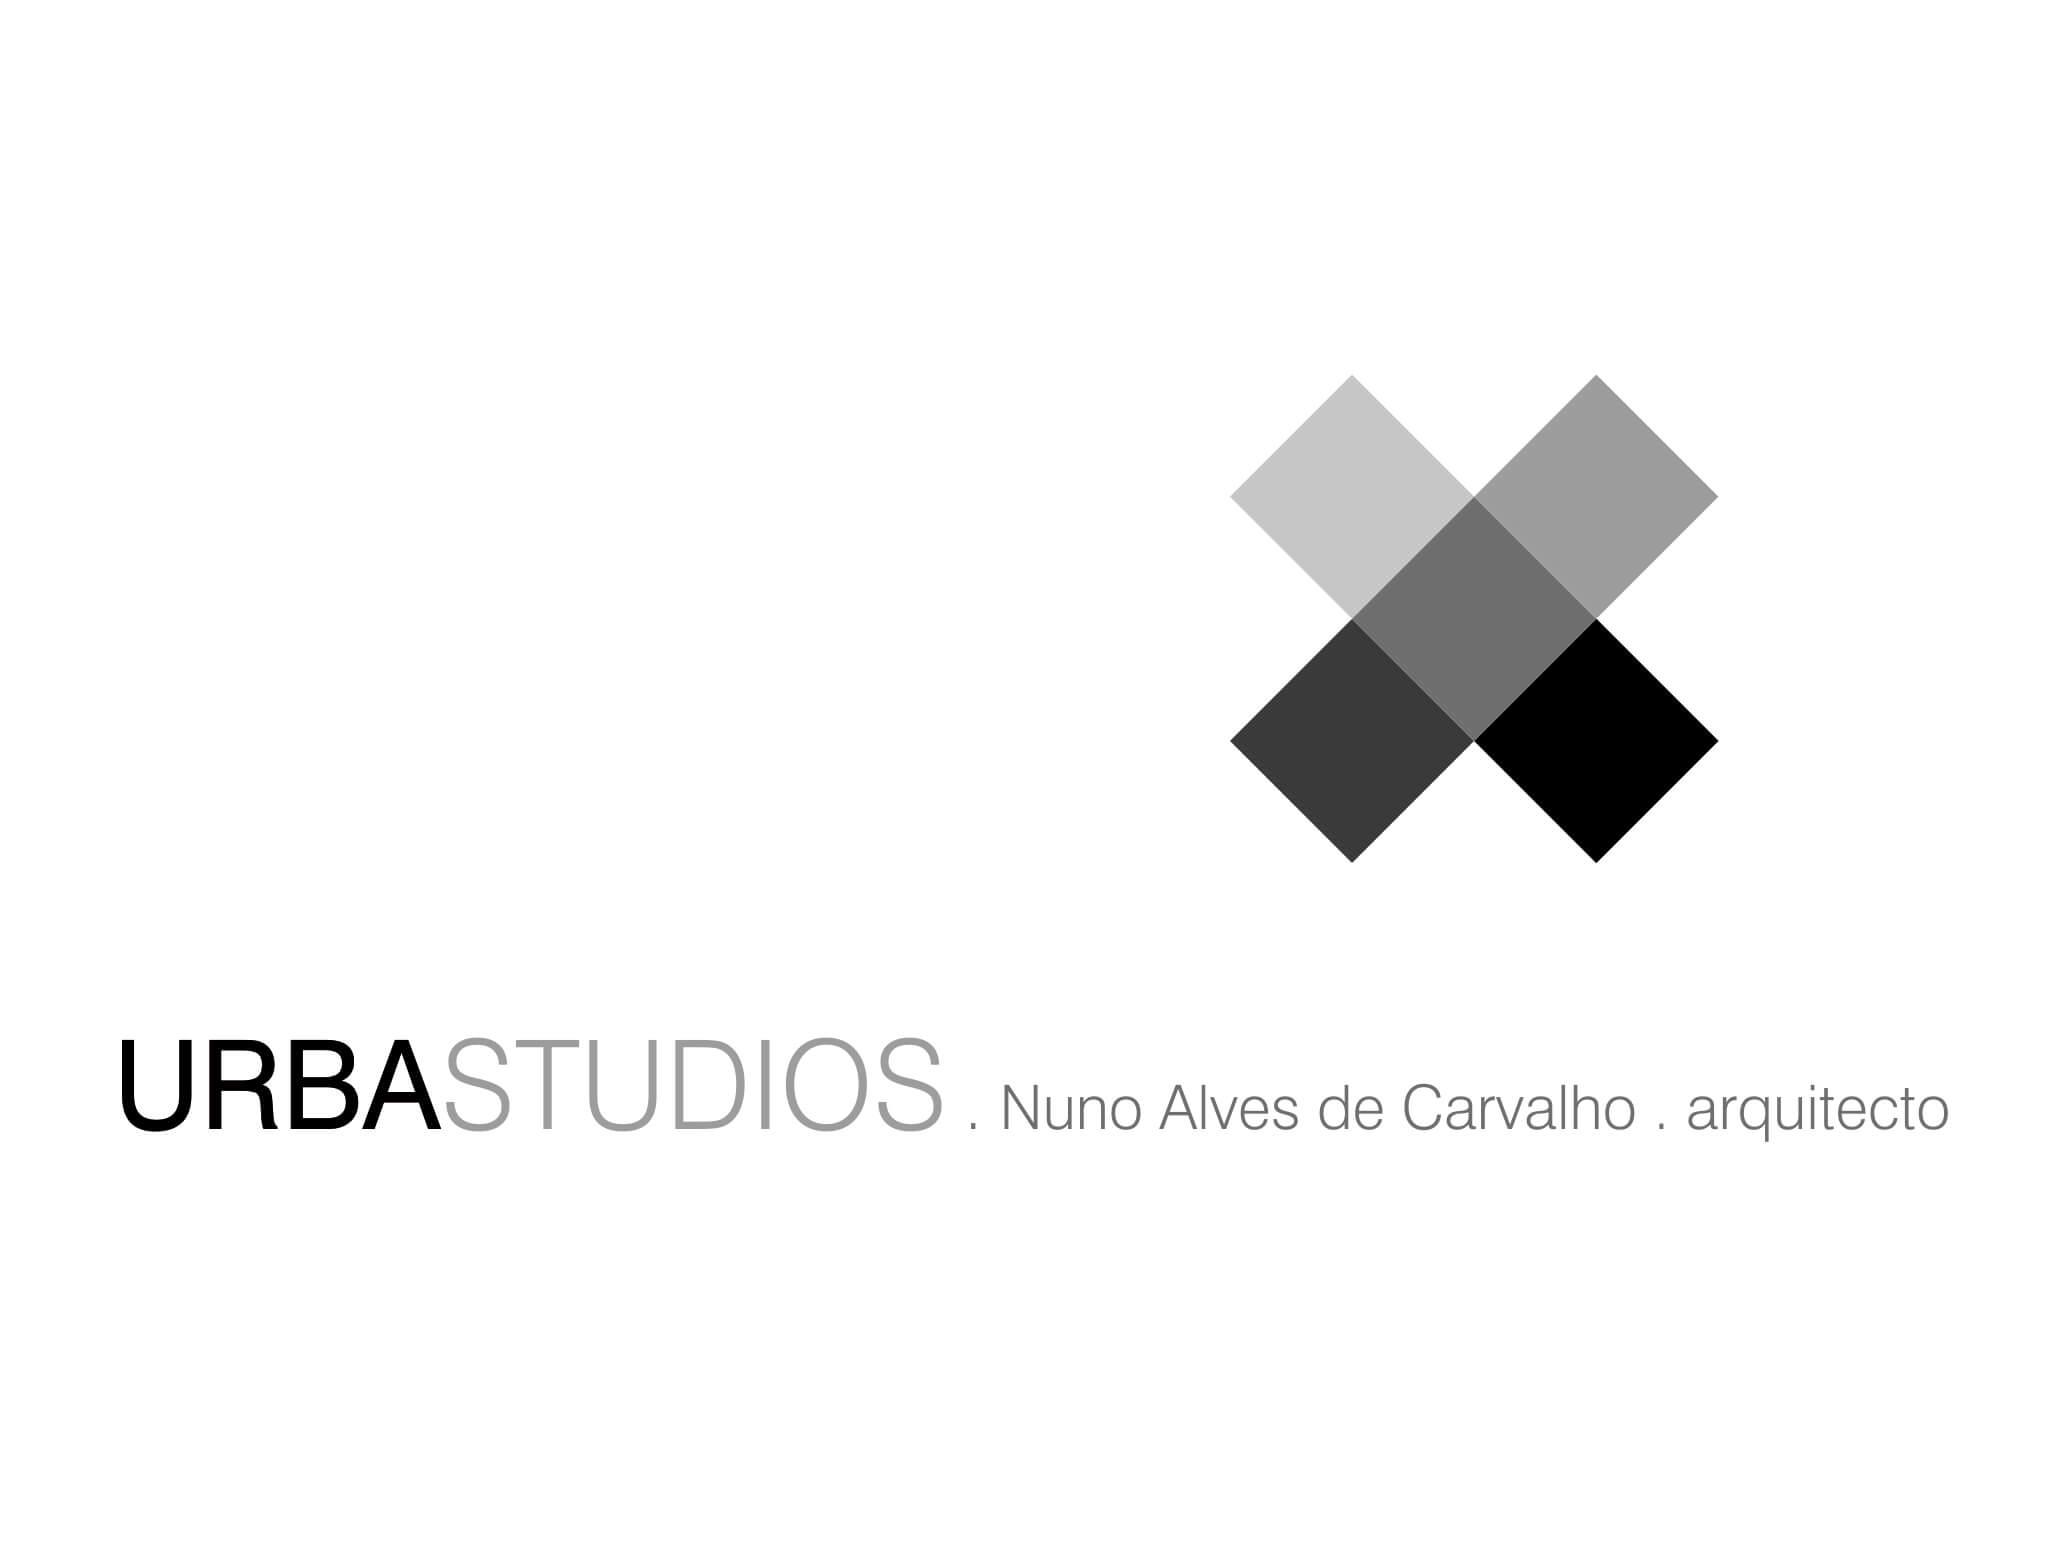 URBAstudios . Nuno Alves de Carvalho . arquitecto